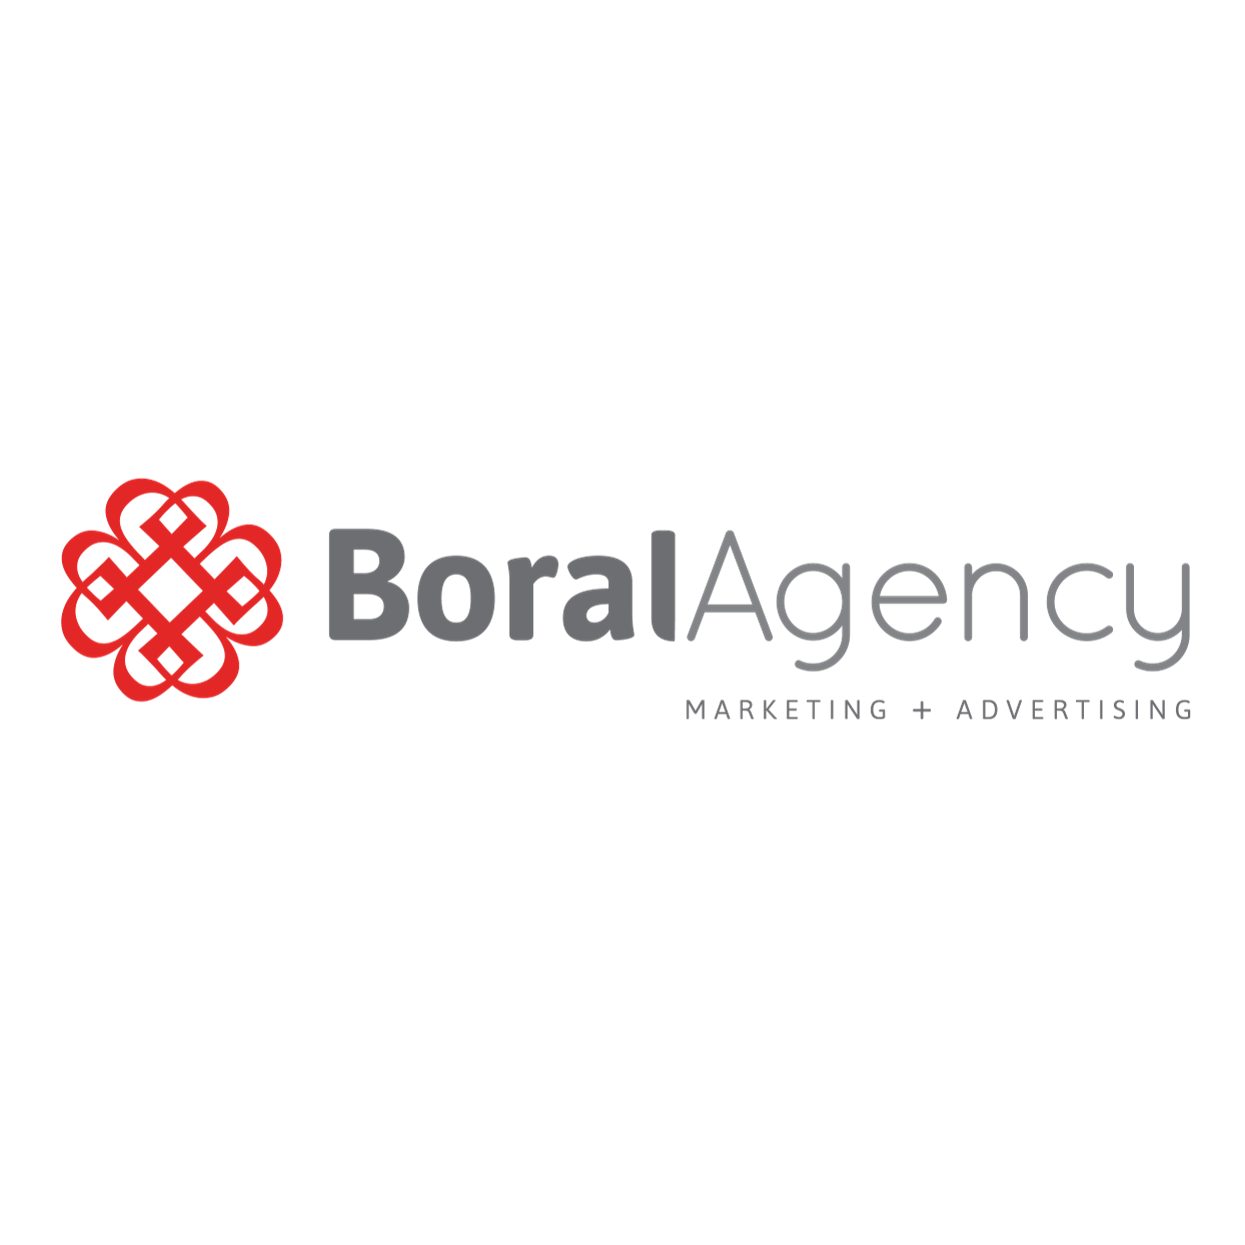 BORAL AGENCY